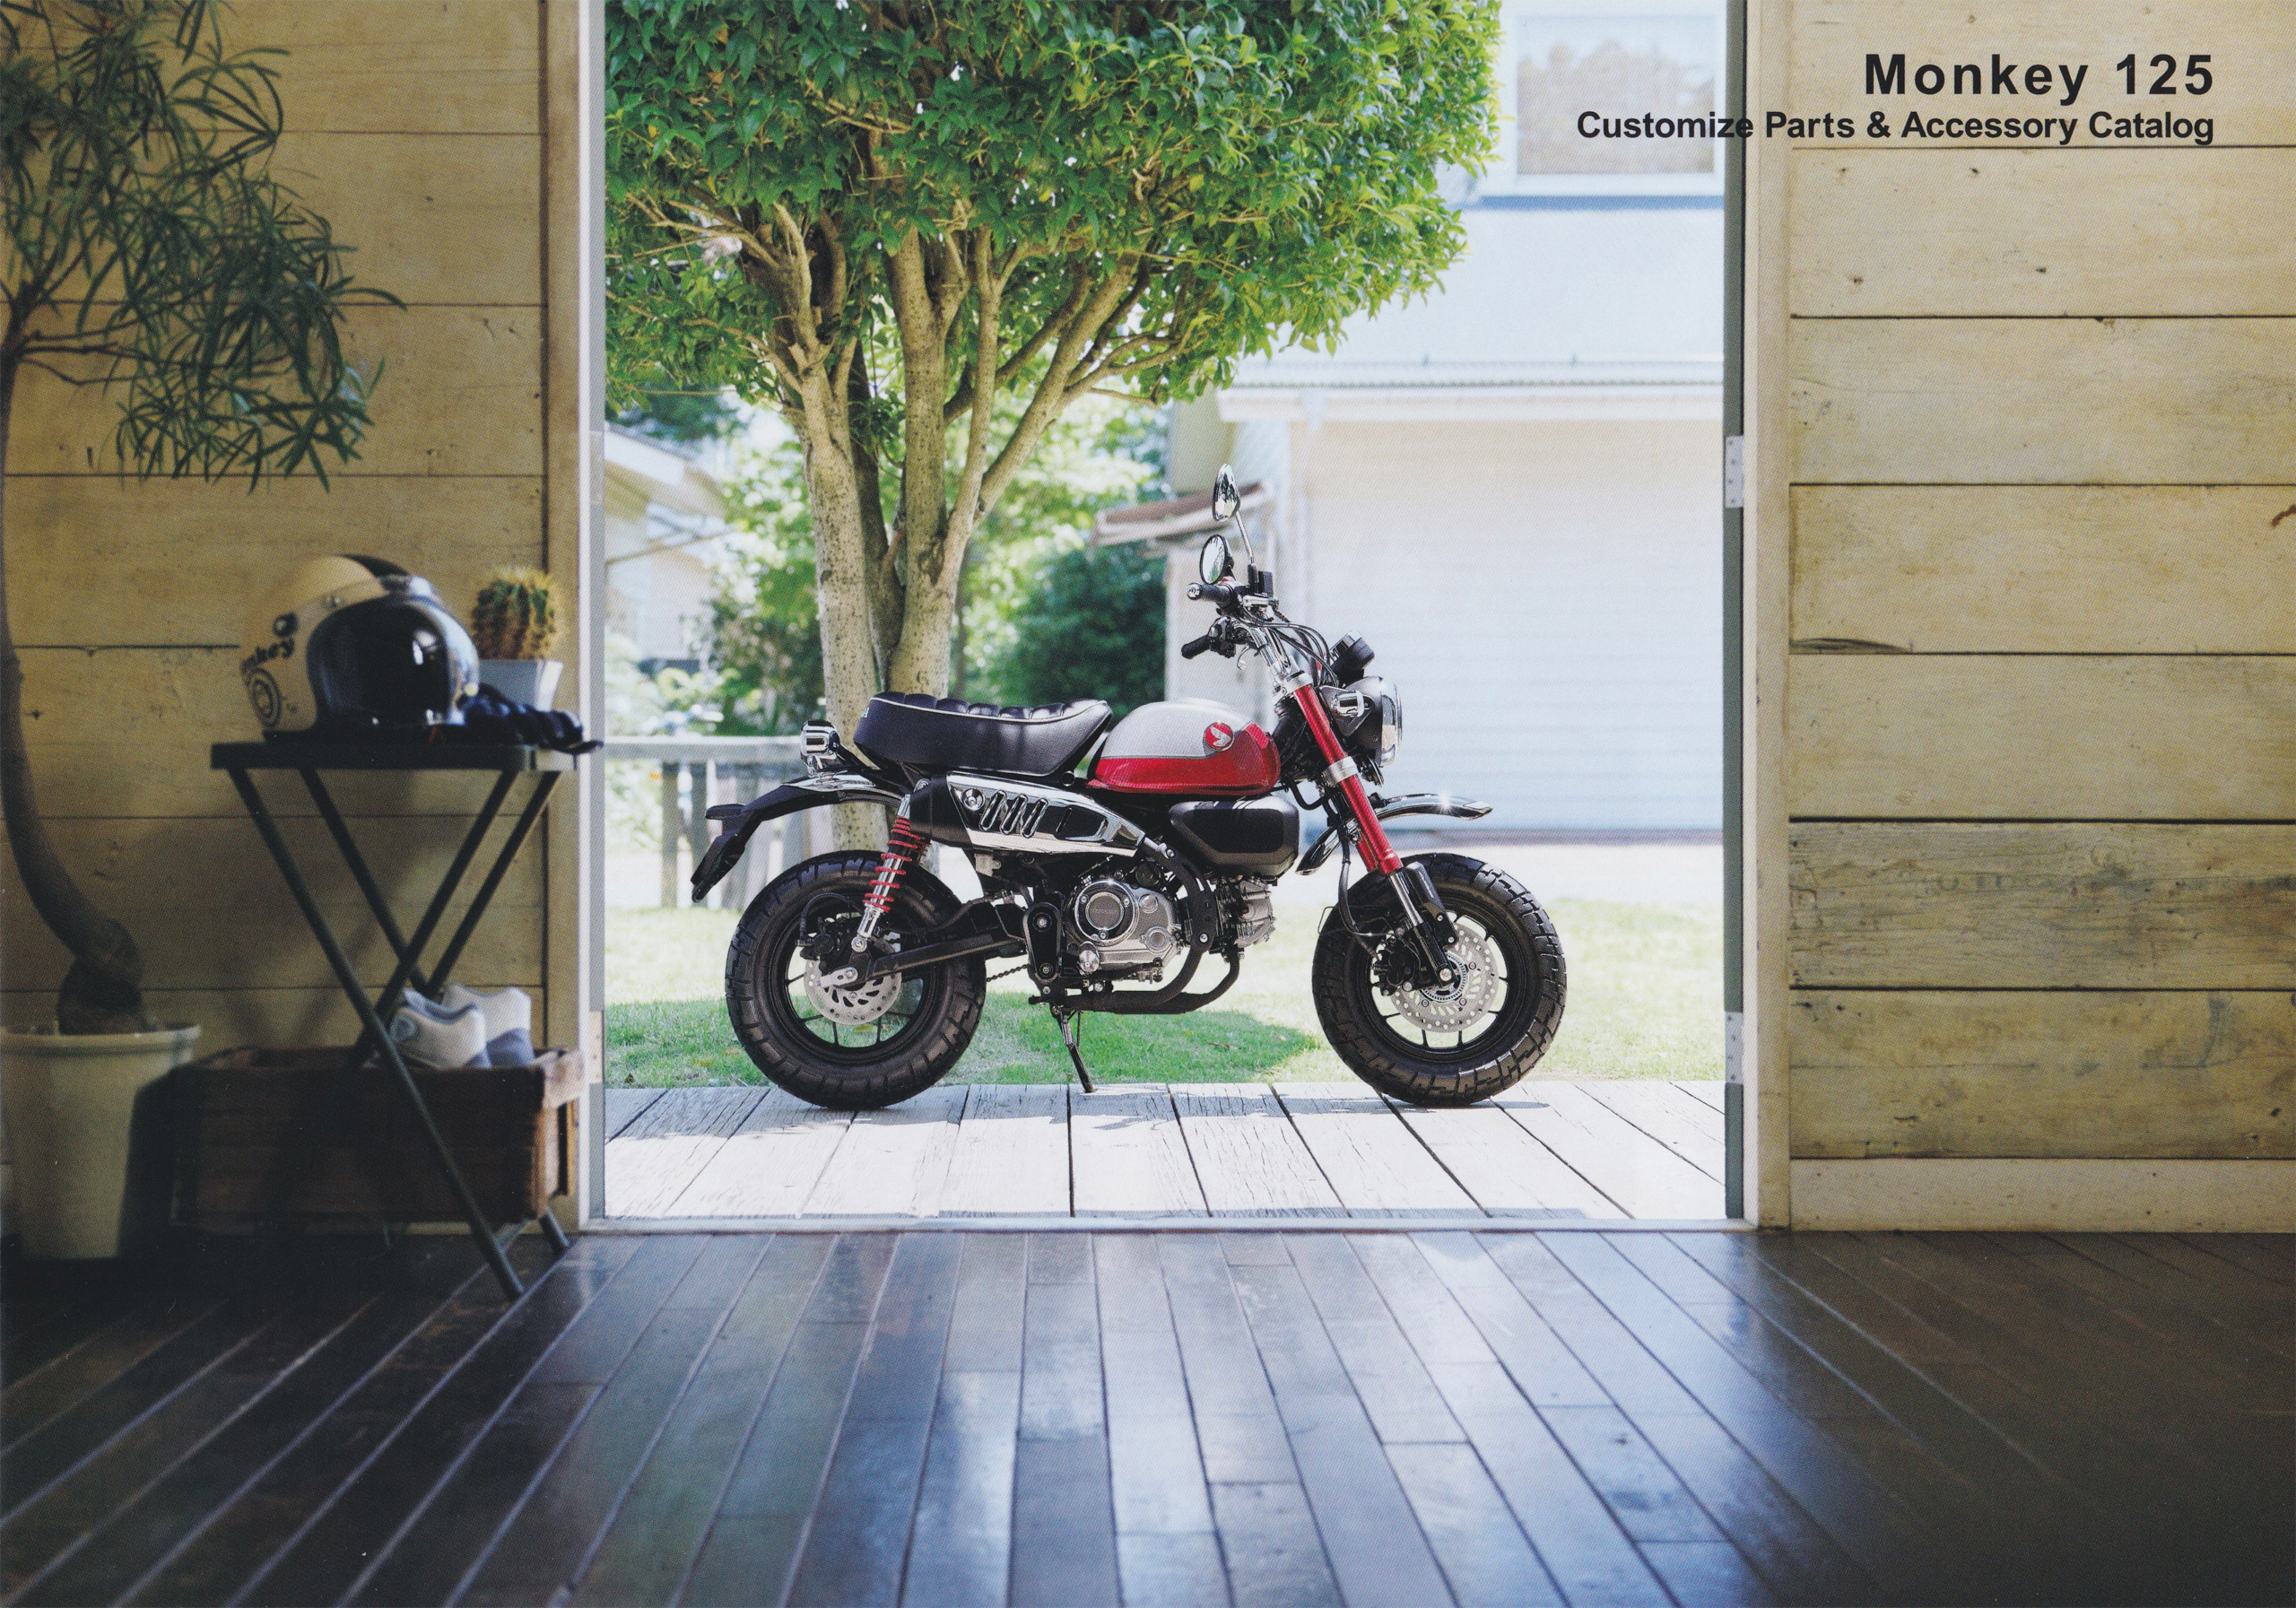 2021新型モンキー125(8BJ-JB03) カスタマイズパーツ&アクセサリーカタログ